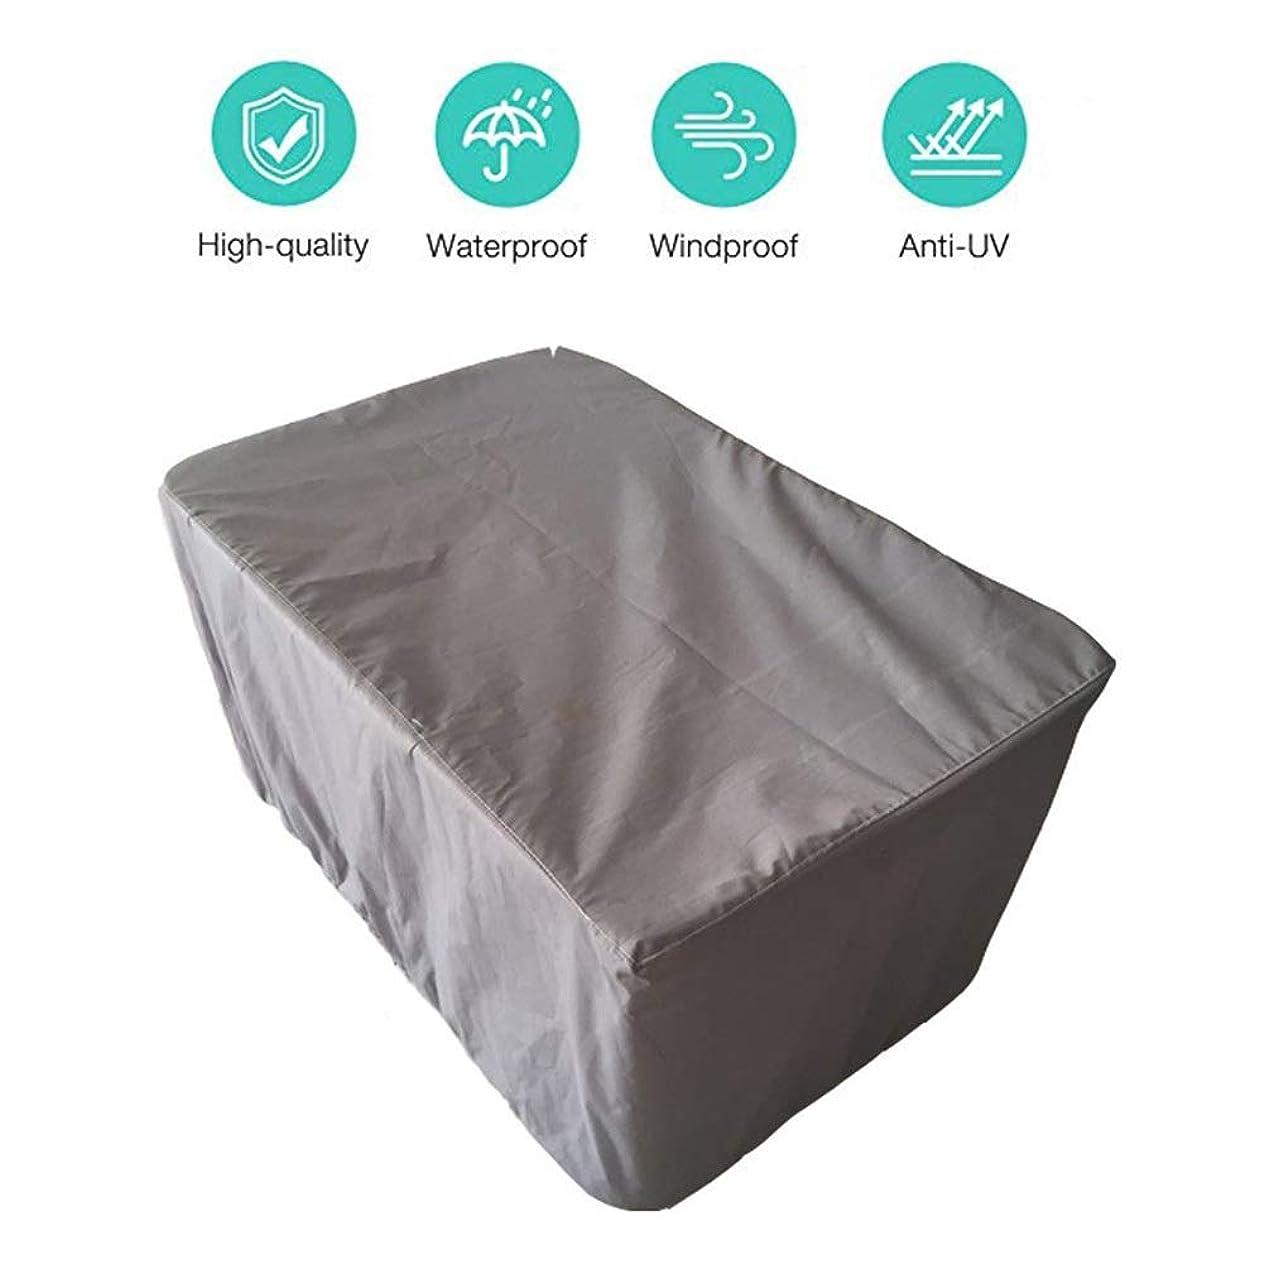 ポール展示会著者FQJYNLY ガーデン家具カバーテーブルと椅子は屋外のratの大きな長方形の庭セットオックスフォード布、12サイズを防水します (Color : Gray, Size : 120x120x74cm)